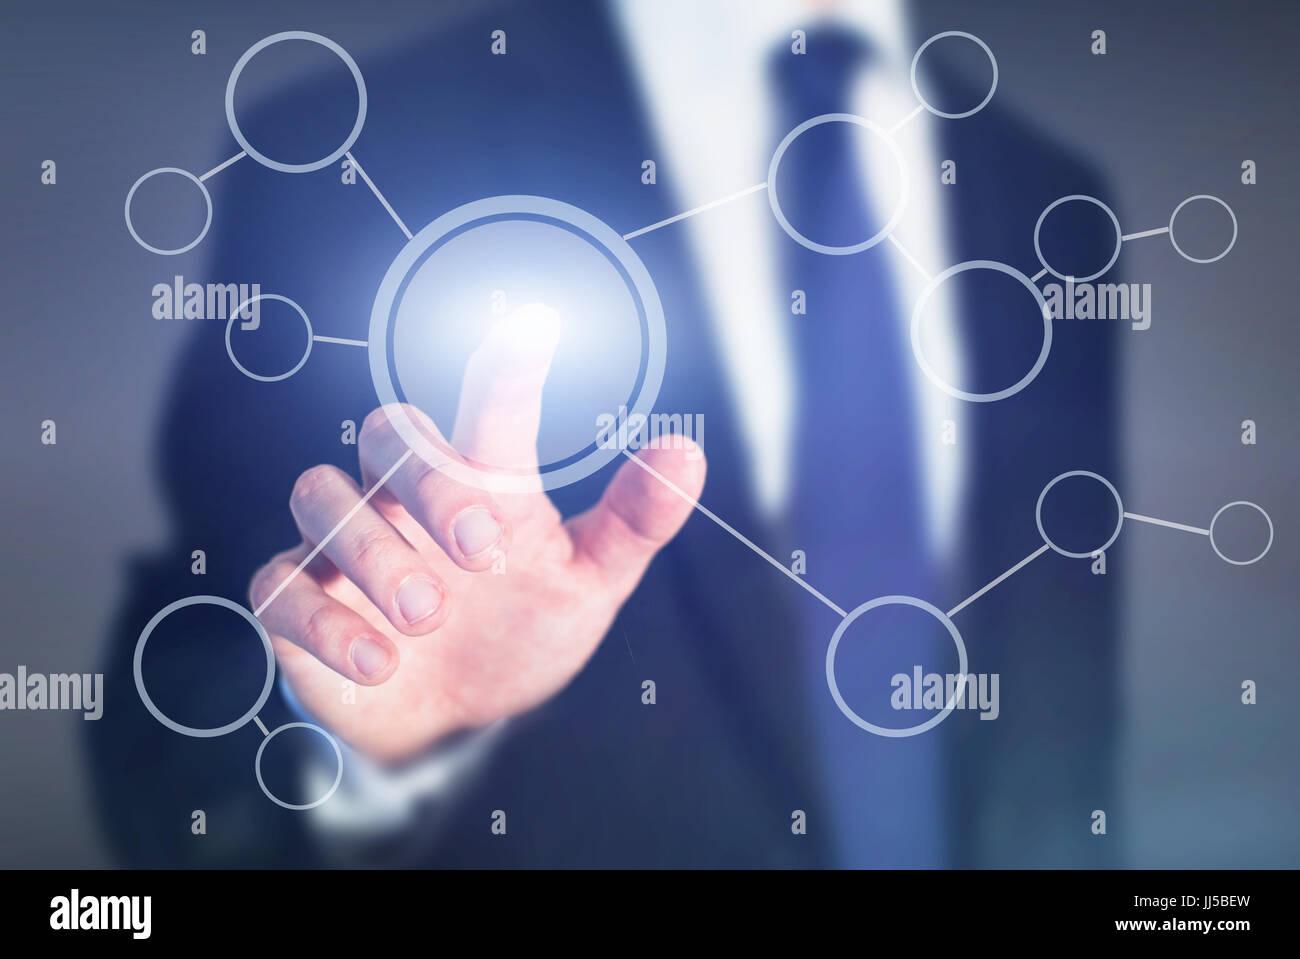 Diagrama de flujo en abstracto, la pantalla táctil o la combinación de procesos empresariales objetivo Imagen De Stock